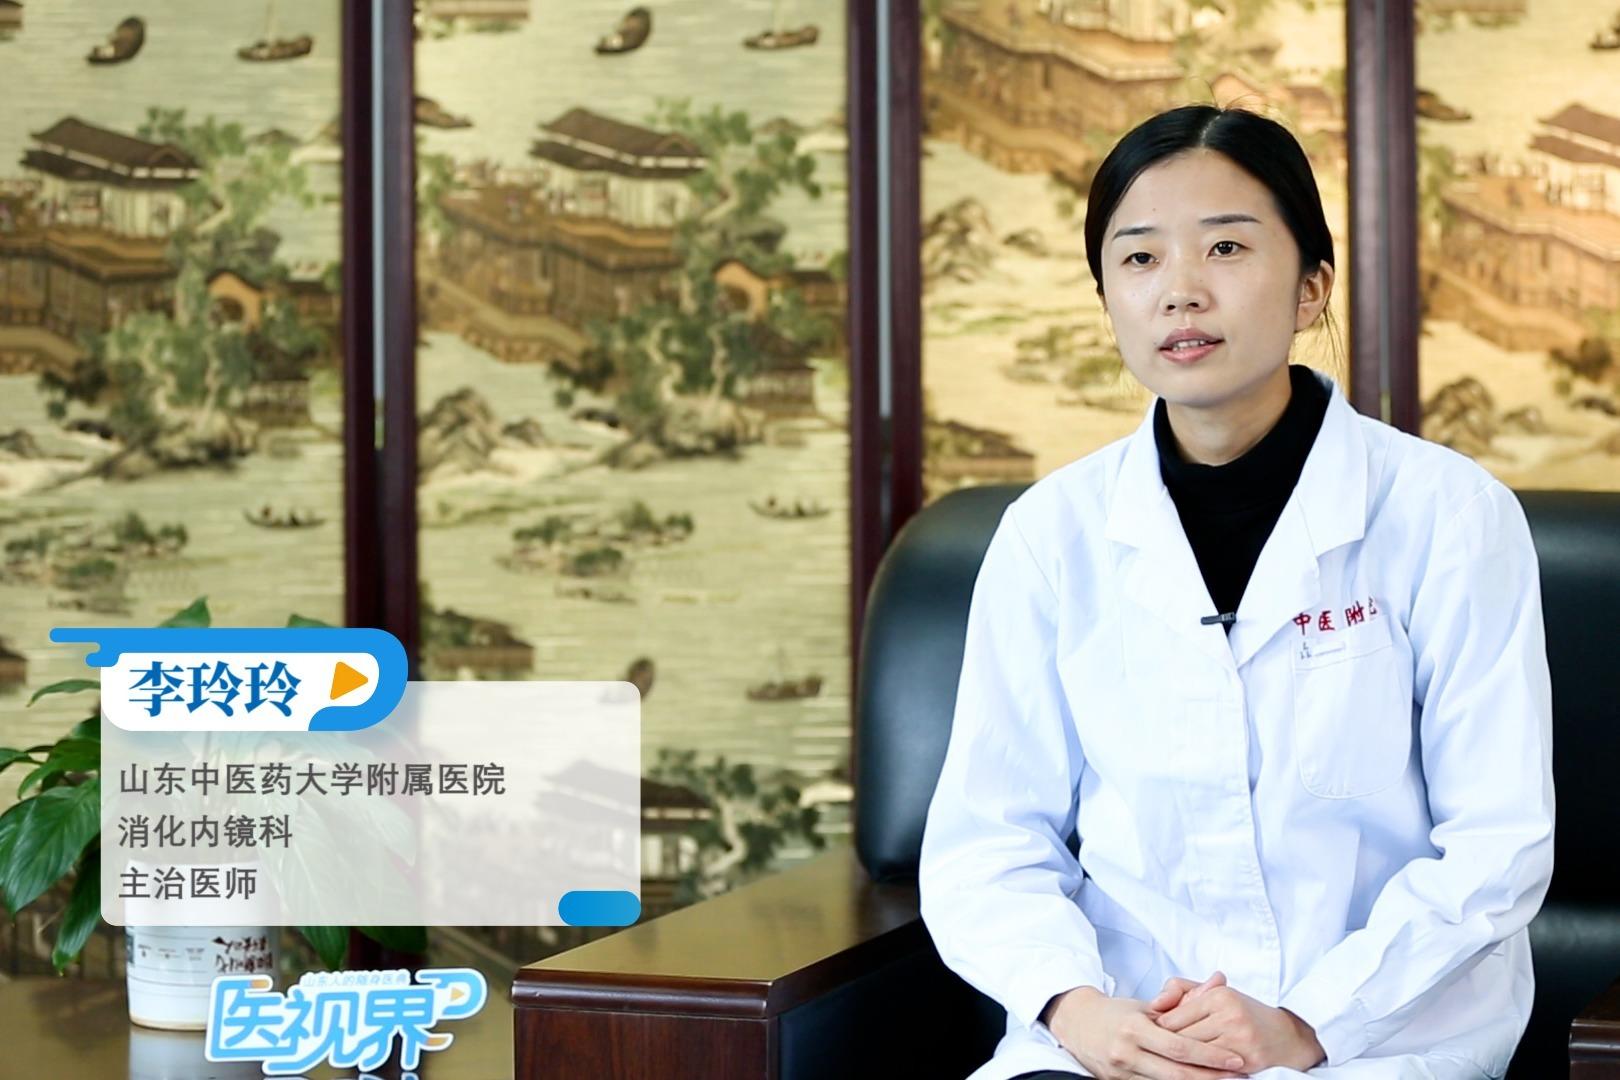 医视界丨什么是胃石症?